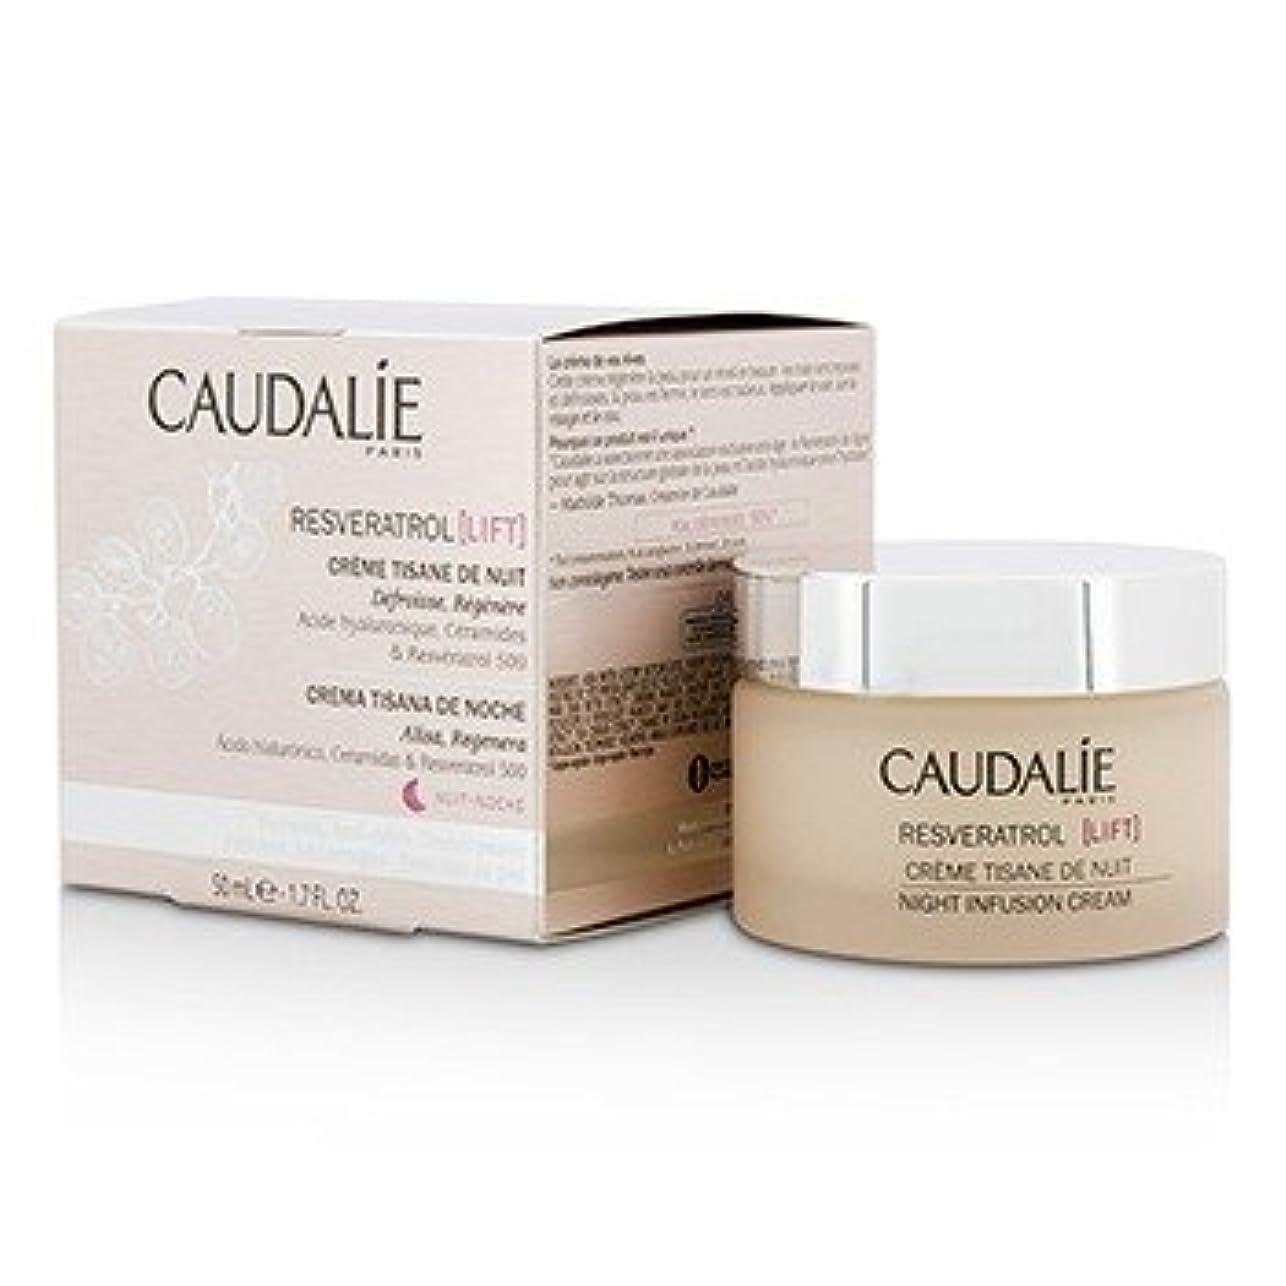 ランプ曲げる才能[Caudalie] Resveratrol Lift Night Infusion Cream 50ml/1.7oz